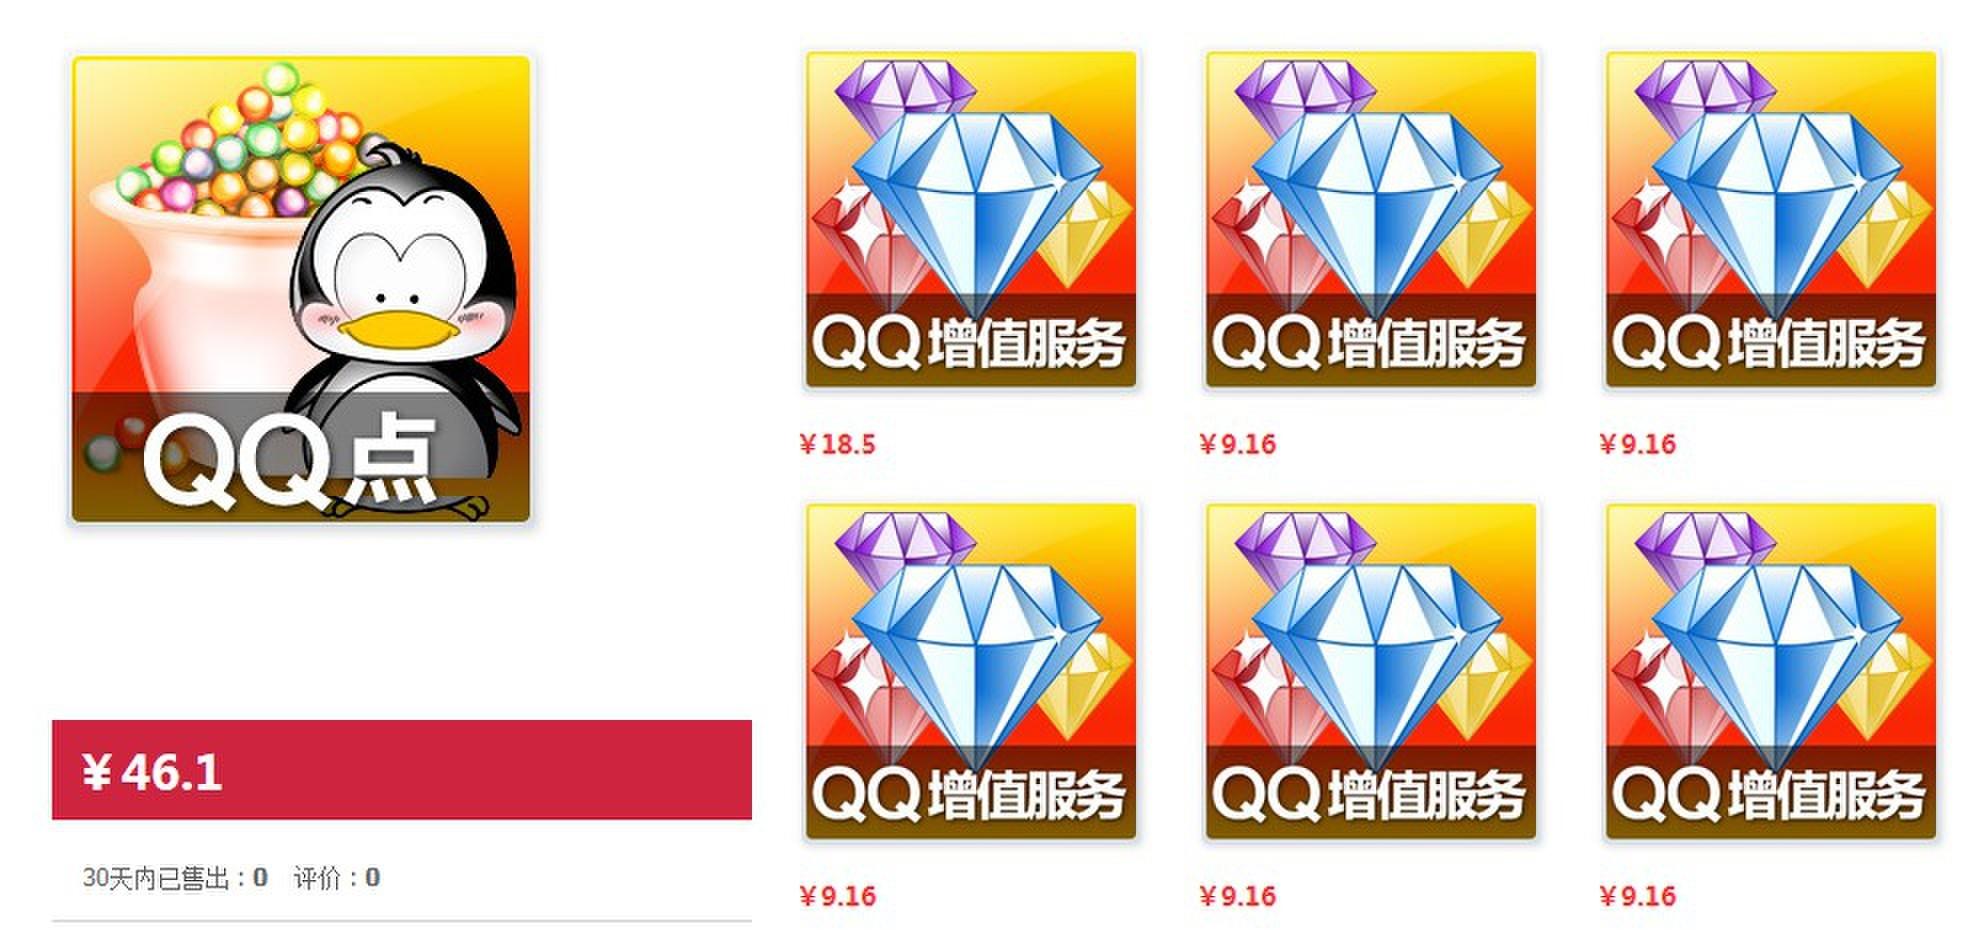 淘宝qq_淘宝充值平台的qq增值业务为什么无法显示名字